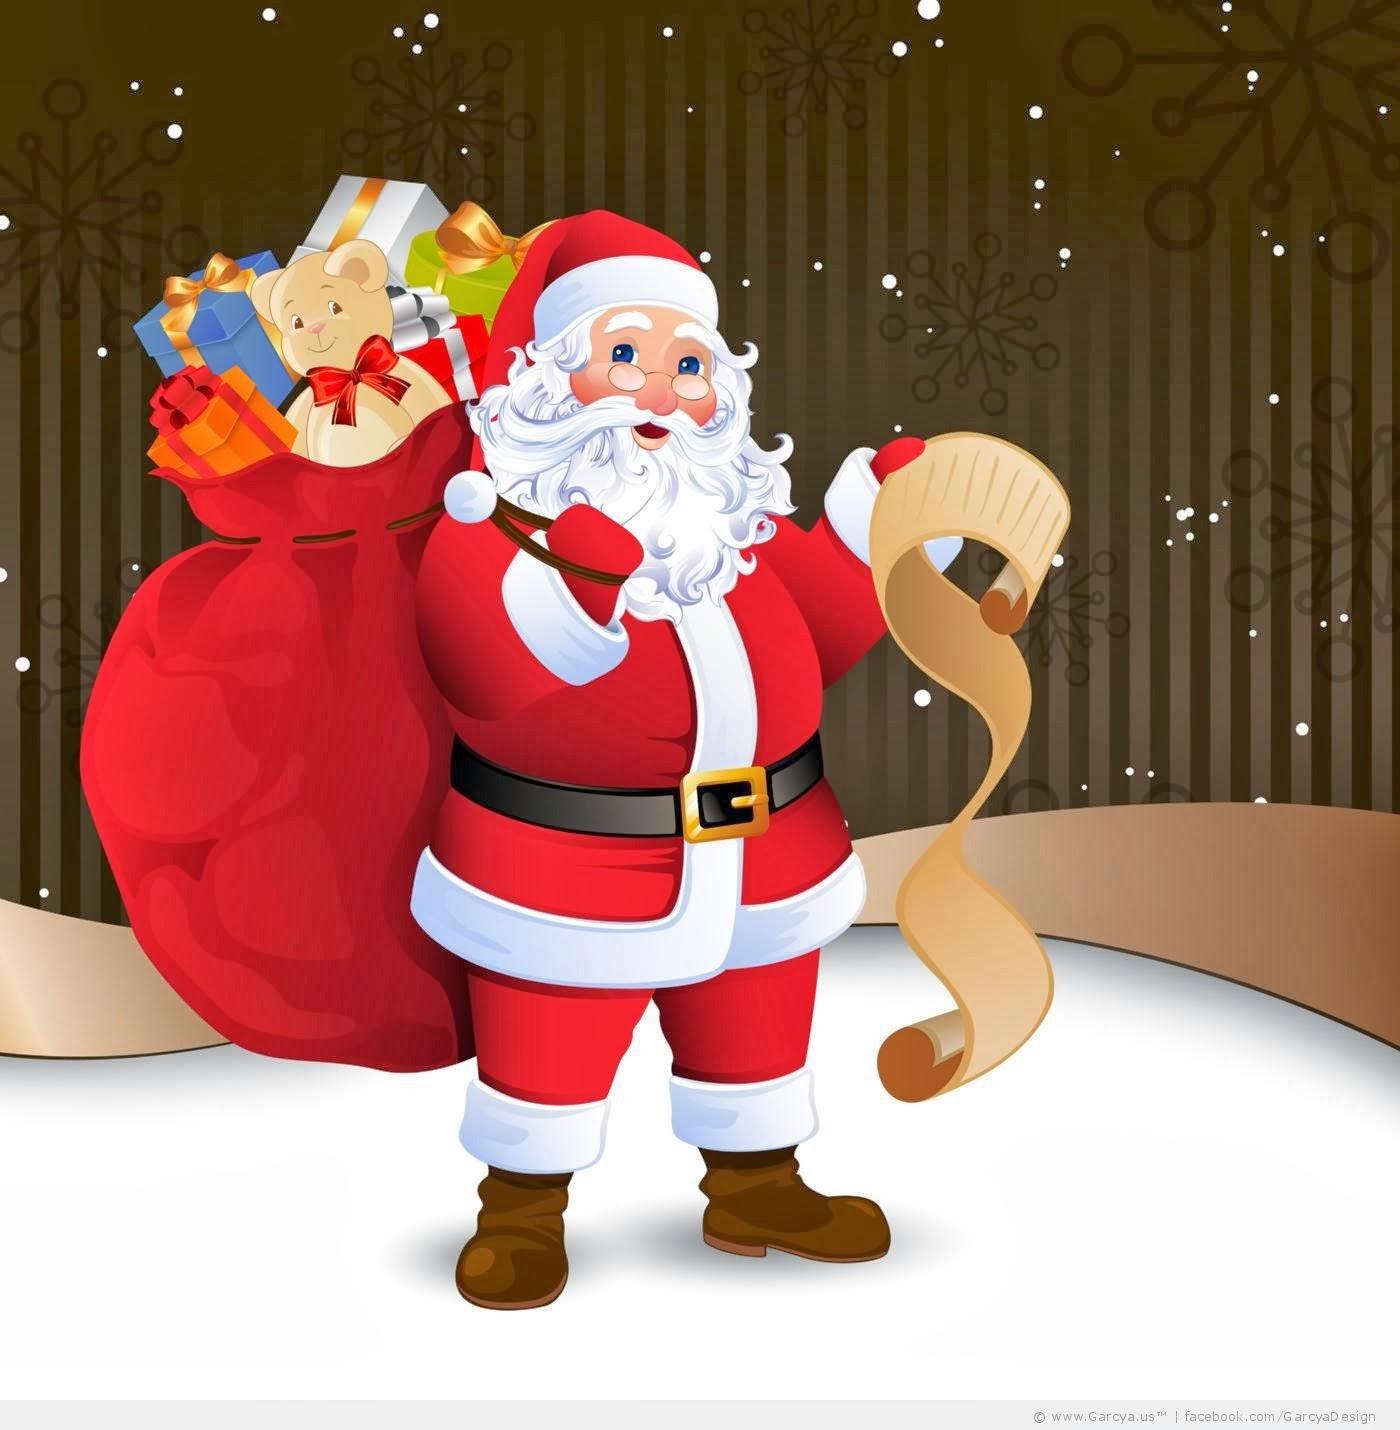 Imagenes De Papa Noel De Navidad.Imagenes De Papa Noel De Navidad